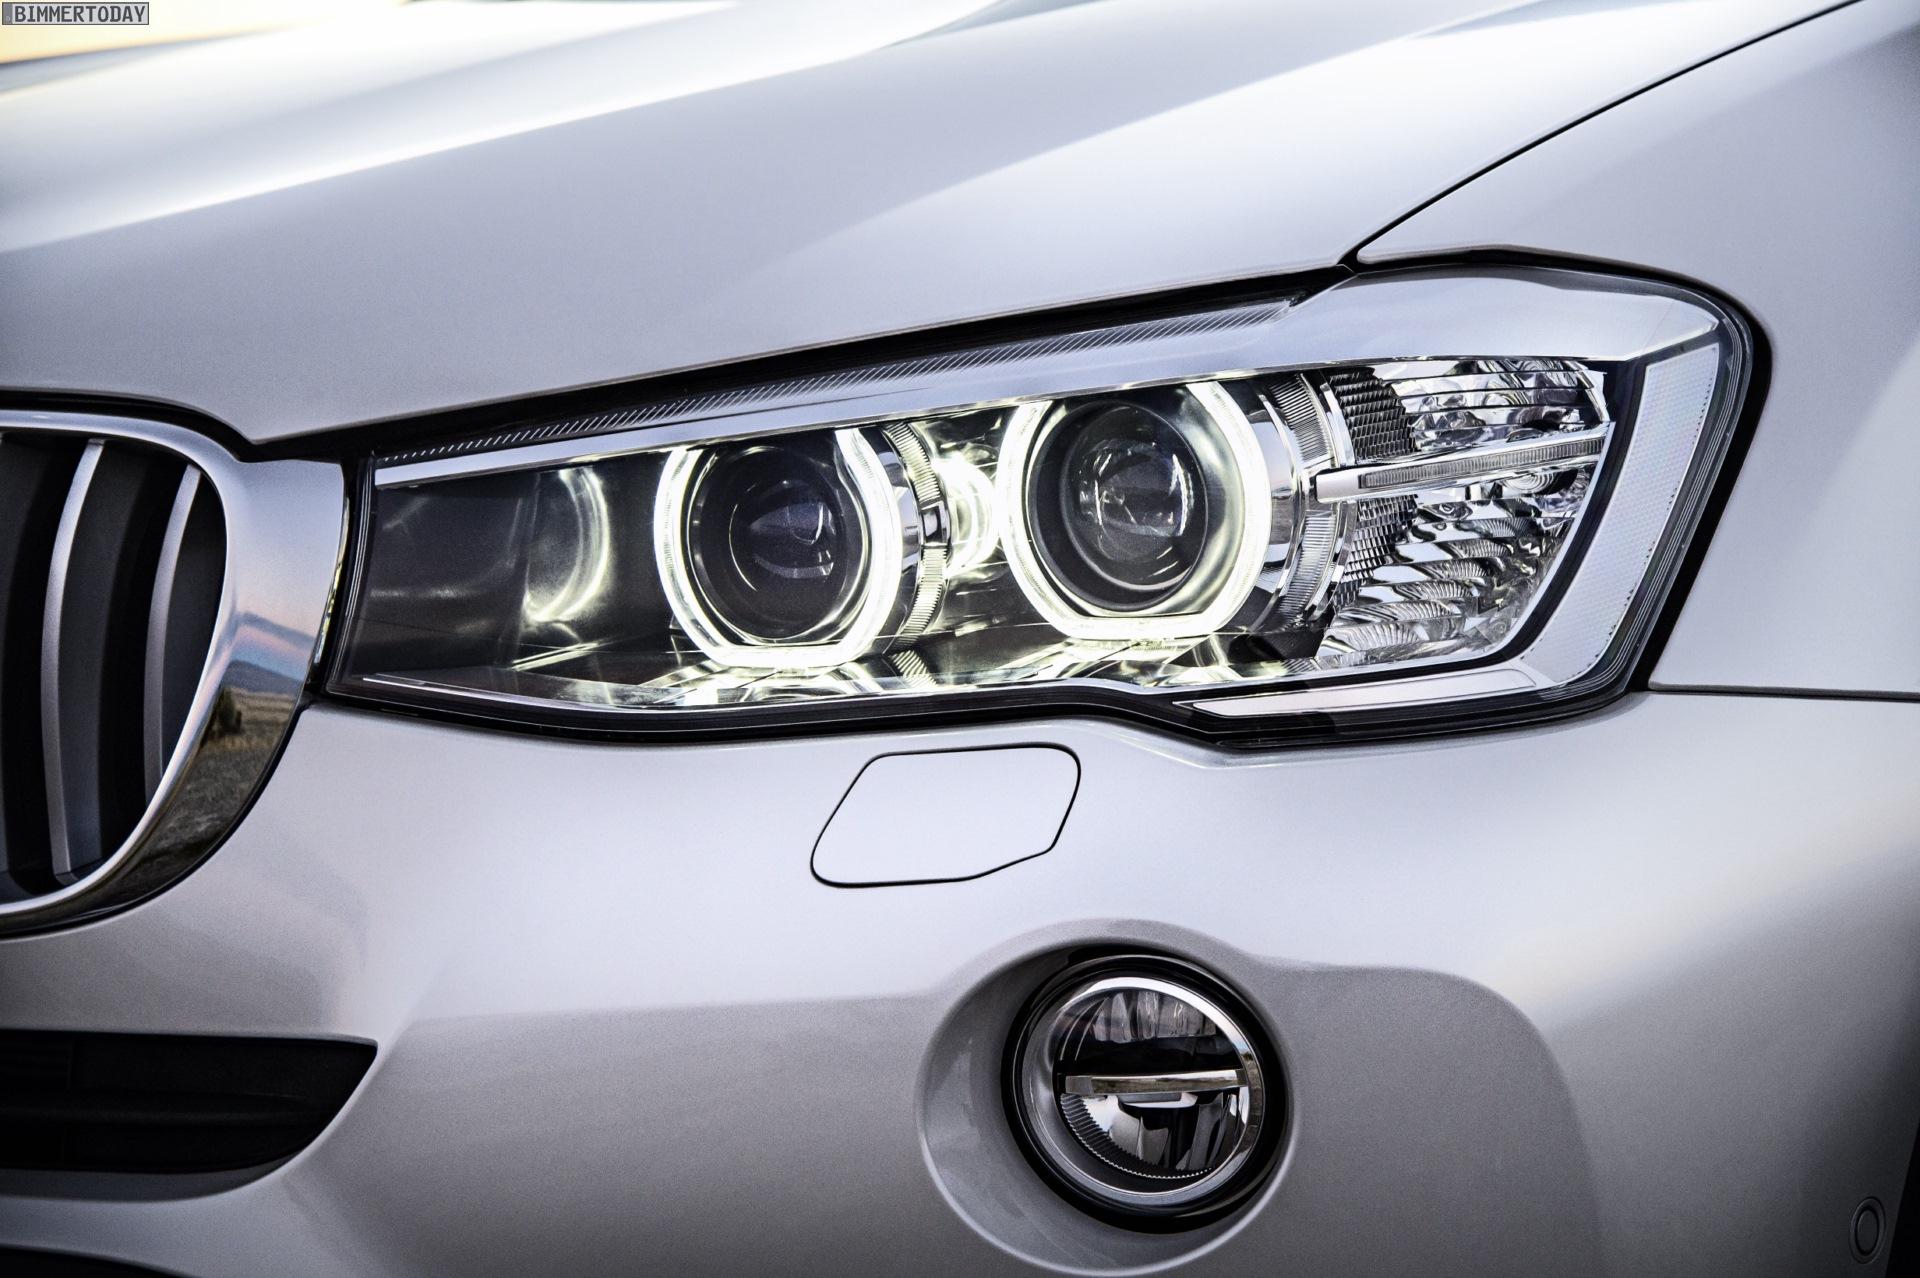 Diesel Skandal BMW nimmt Stellung zu Auto Bild Vorwürfen